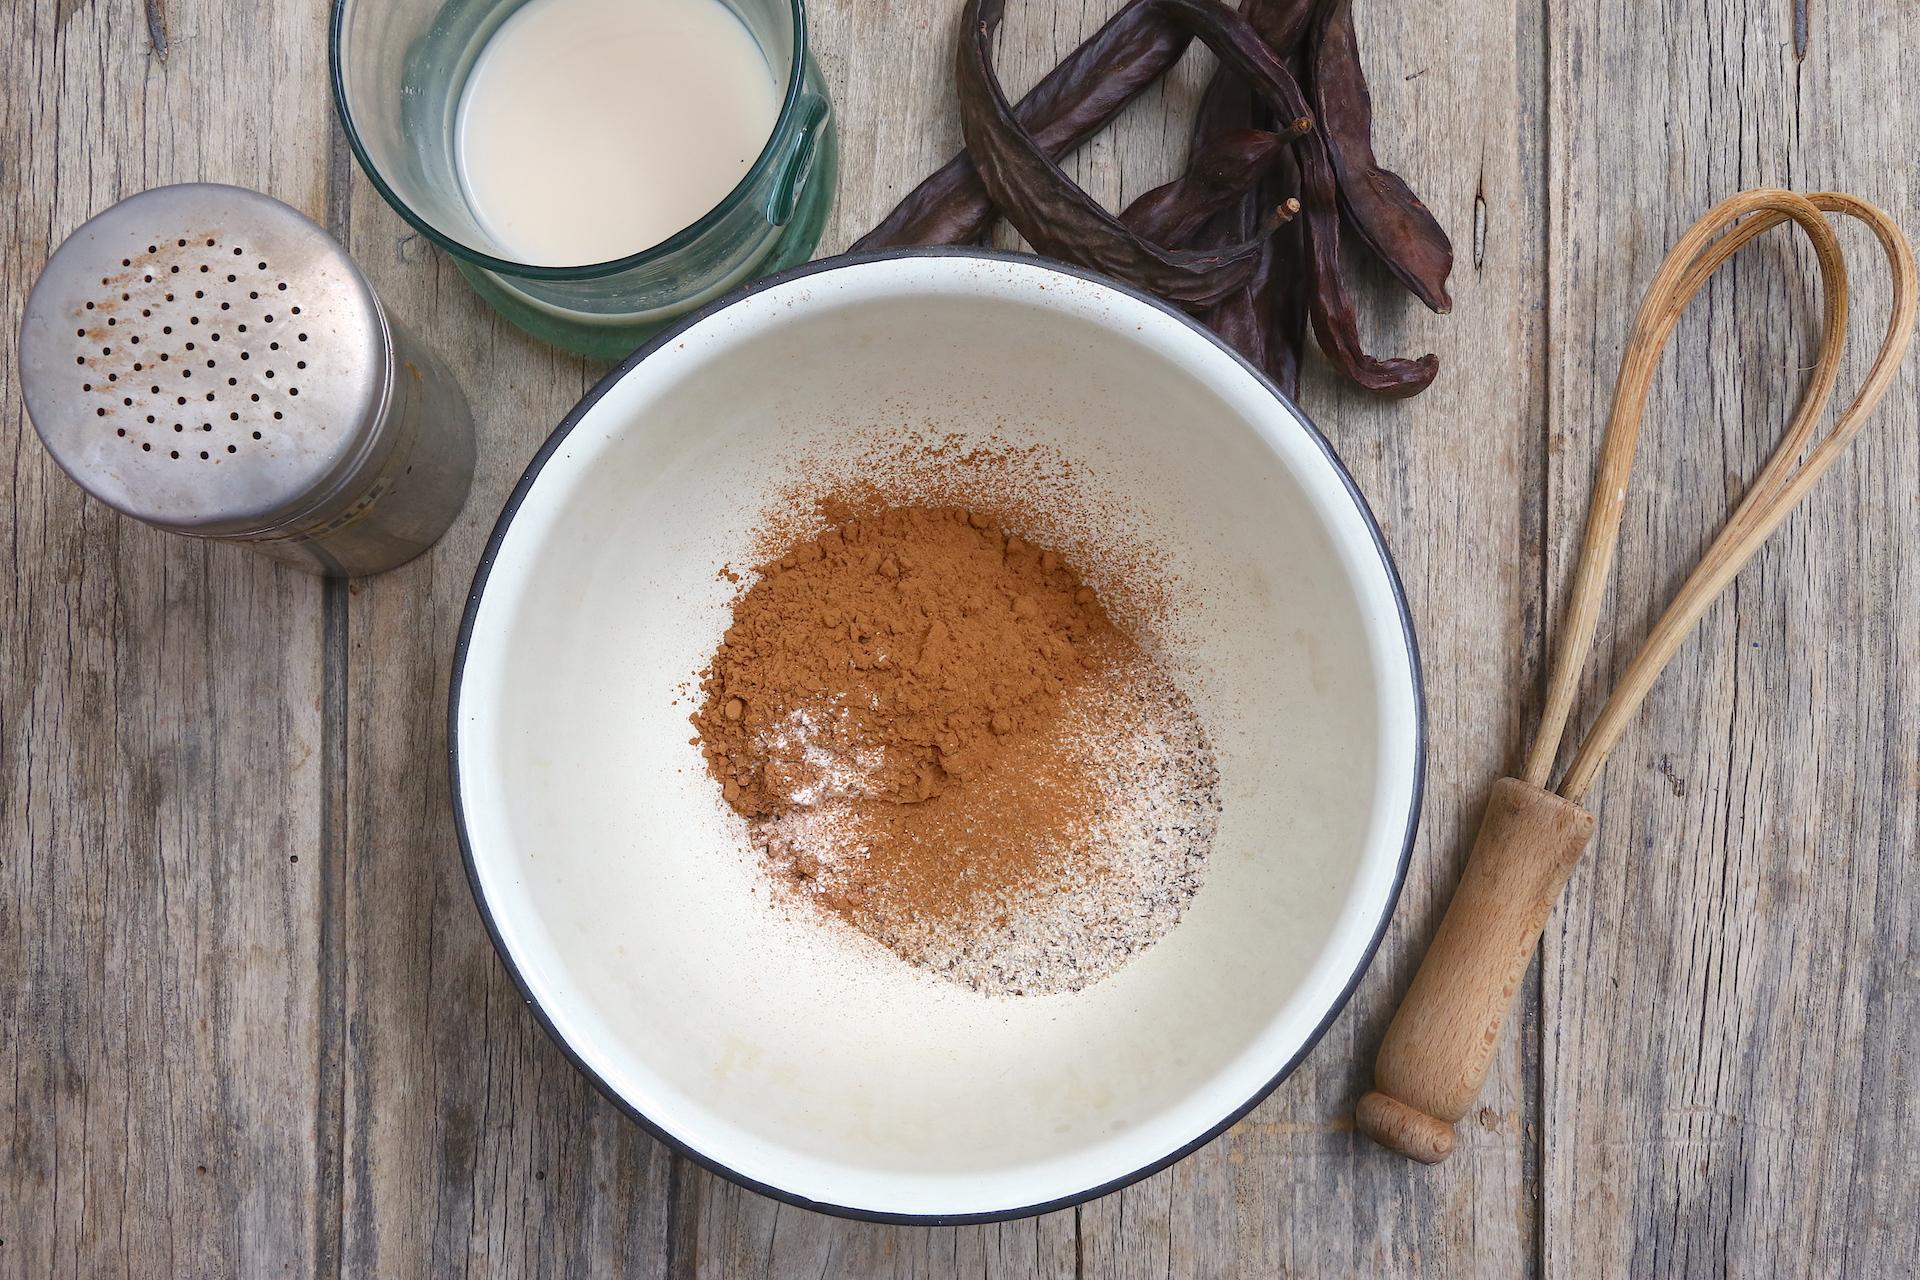 Mischia le farine con latte di soia © Beatrice Spagoni